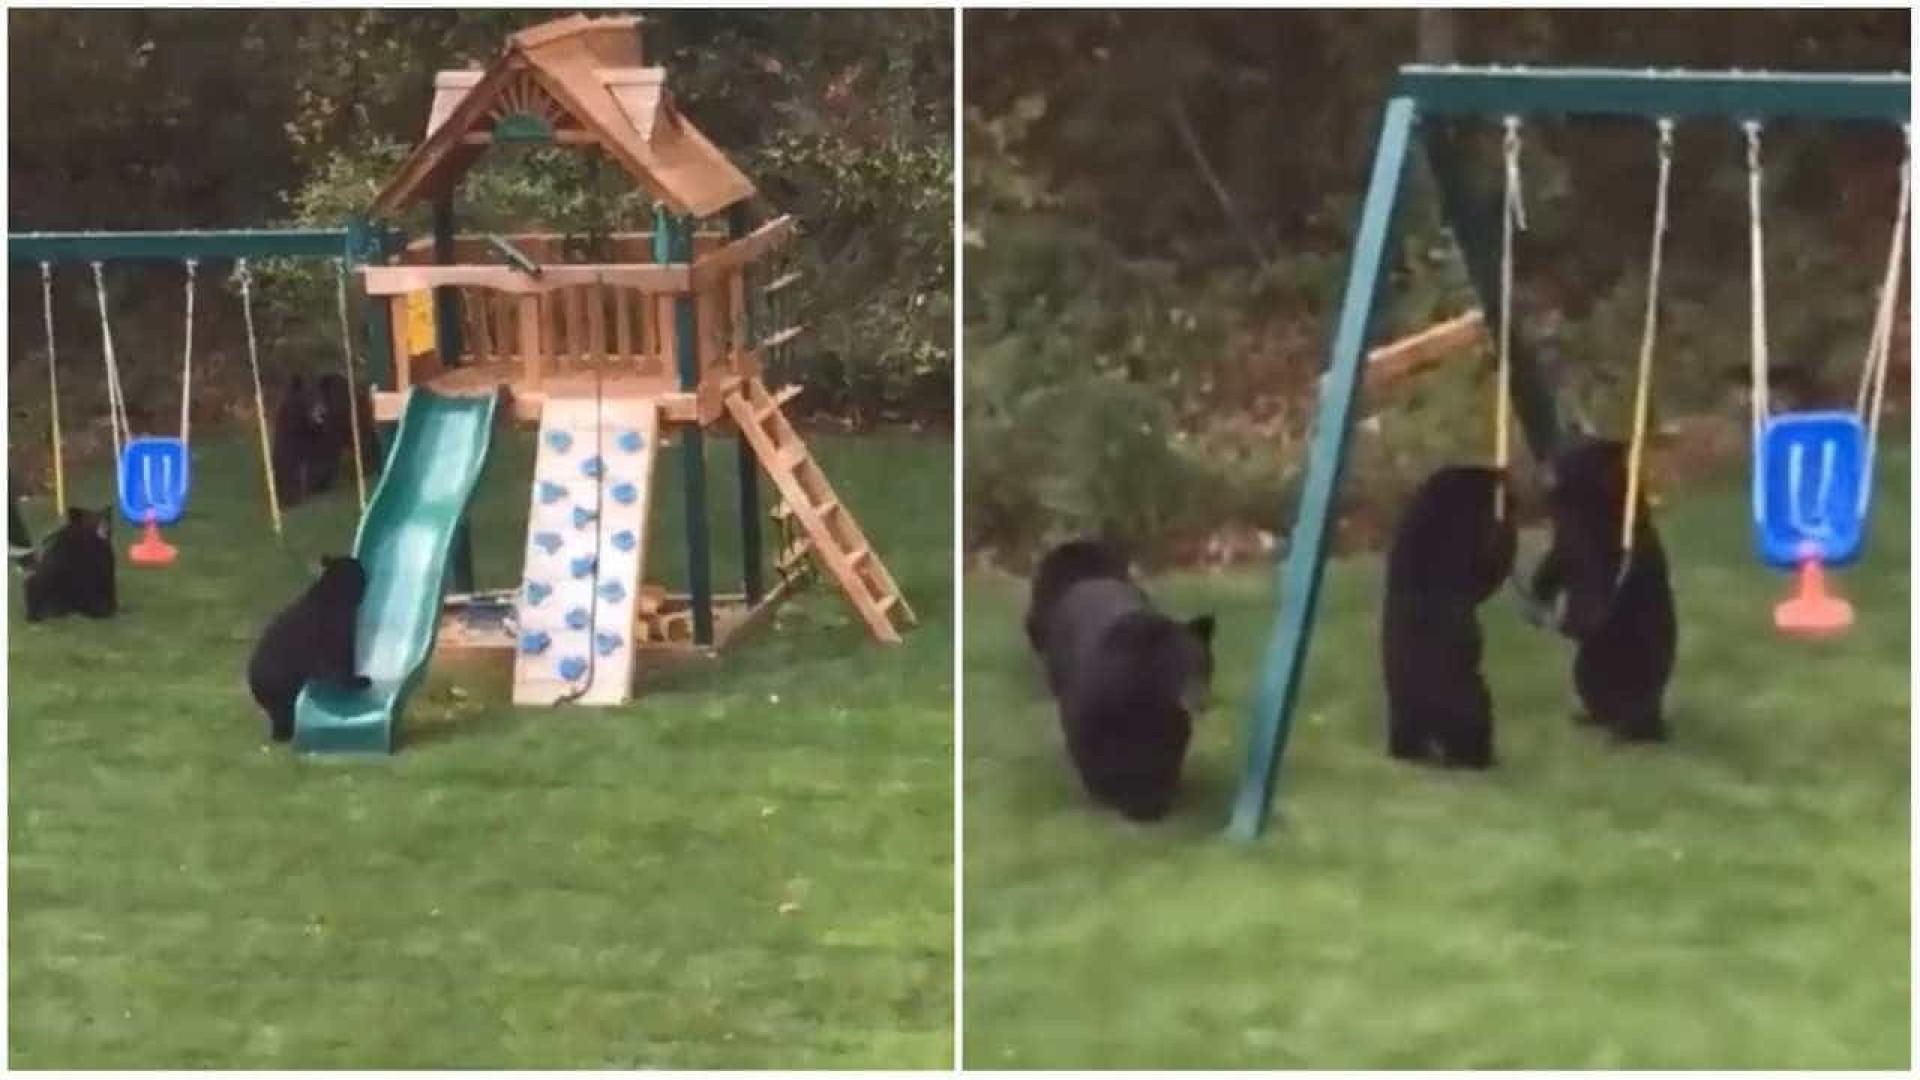 Filhotes de urso invadem parque infantil nos EUA